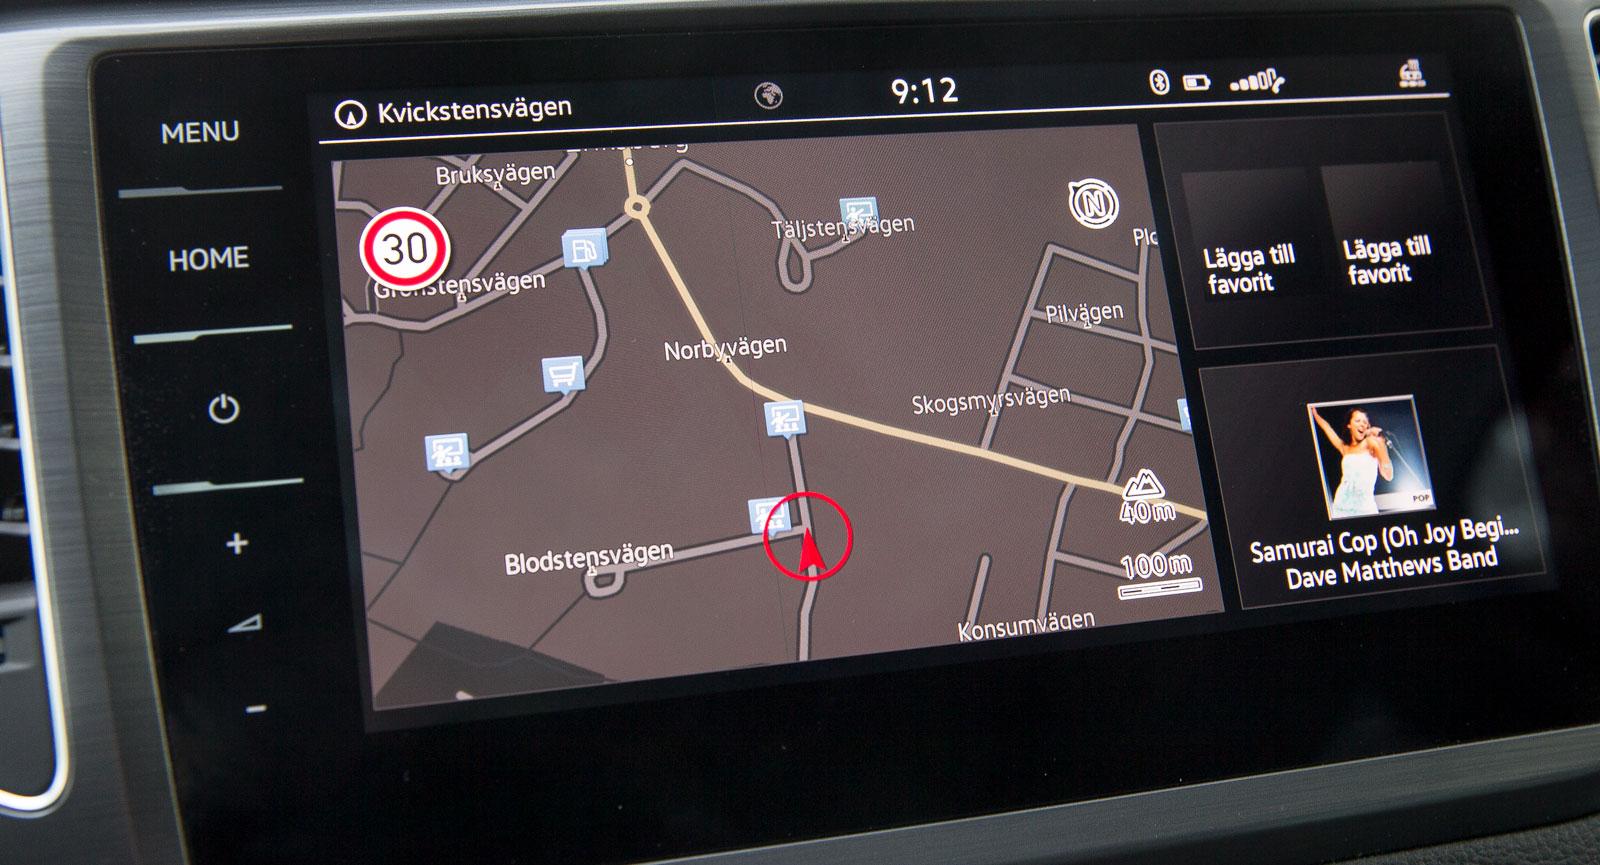 VW:s stora pekskärm reagerar mycket snabbt och har kristallklar grafik. Riktig volymratt hade varit bra, men det finns ju en lättskött tangent på ratten också …